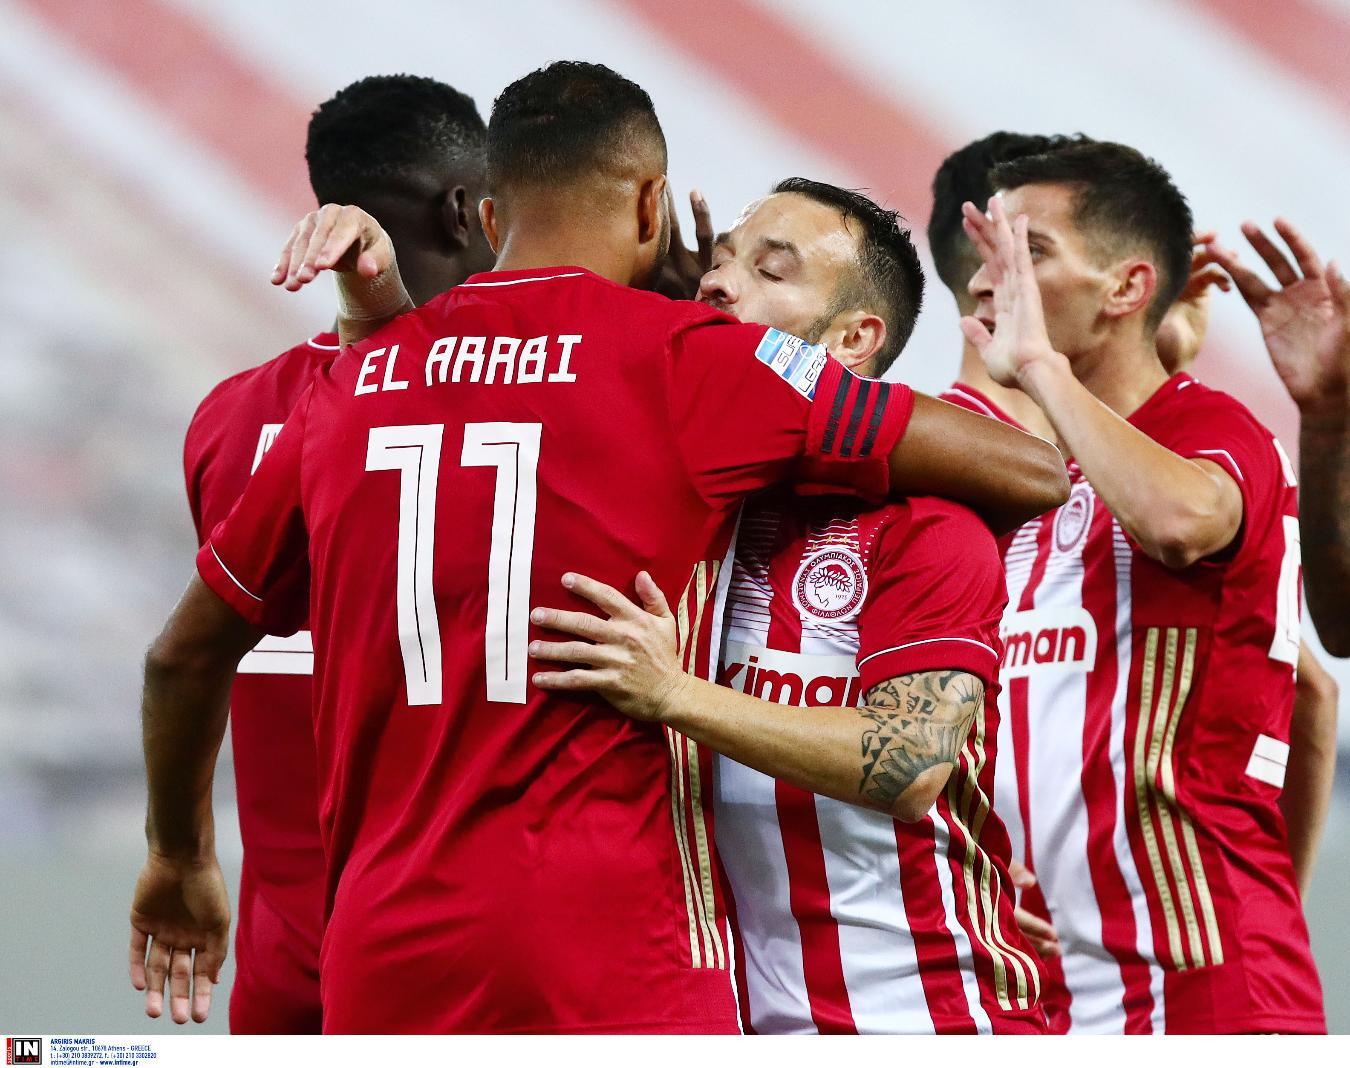 https://resources.sport-fm.gr/supersportFM/images/news/21/01/10/100313.jpg